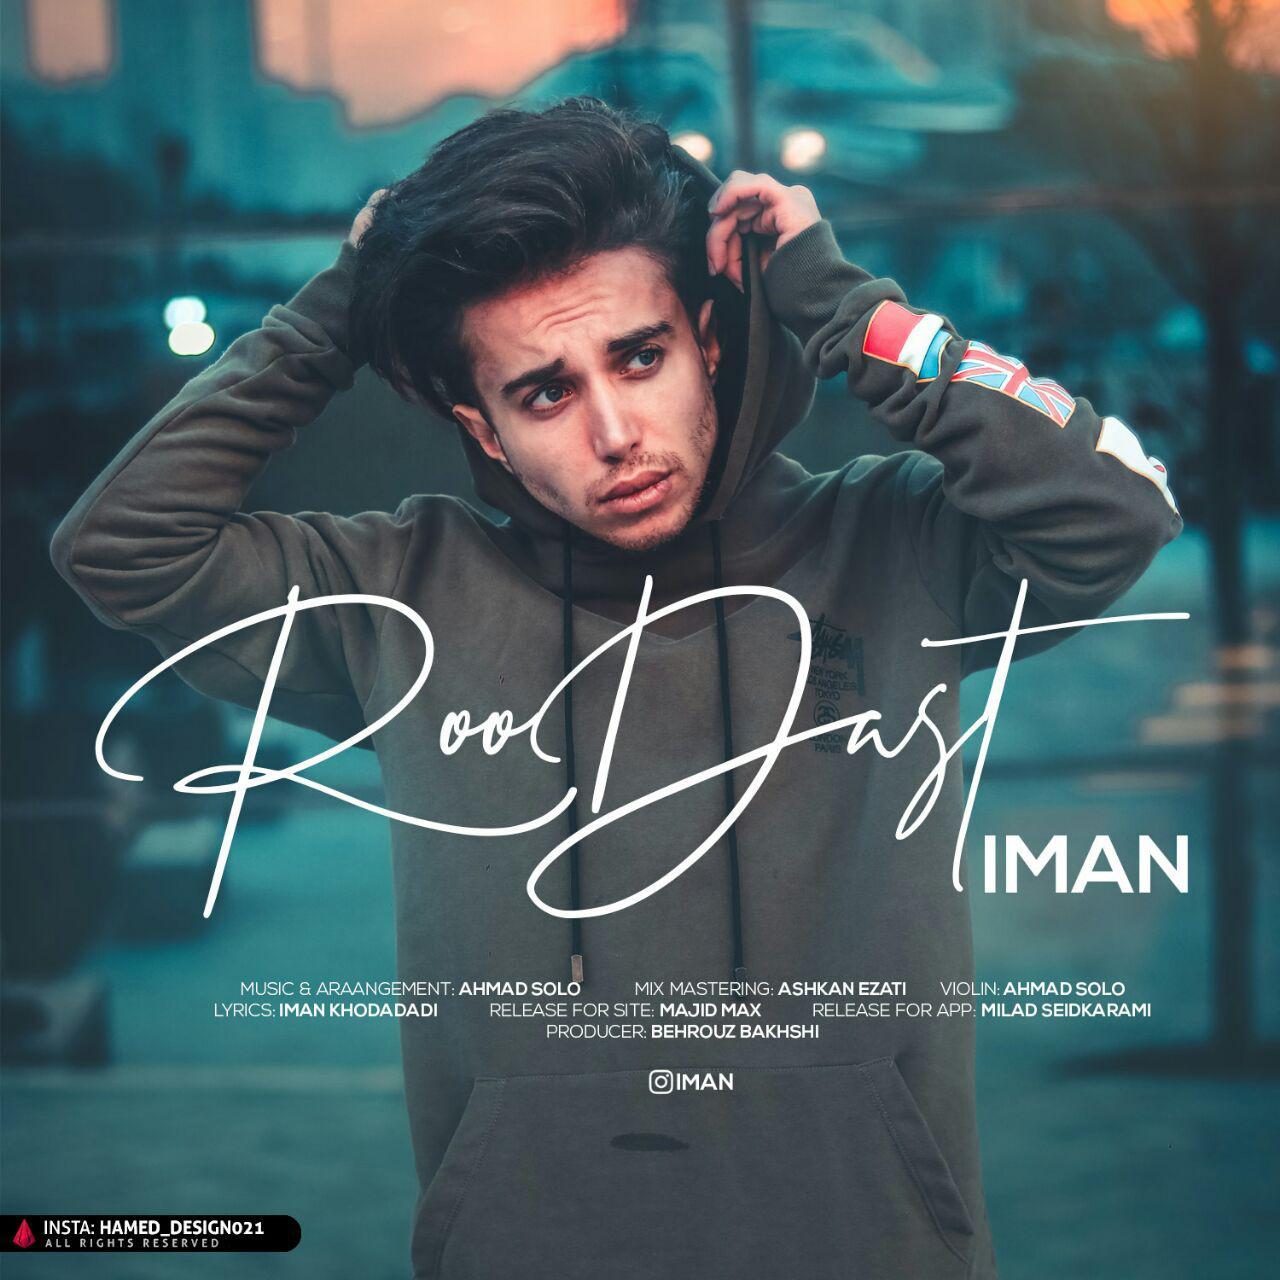 Iman – RooDast